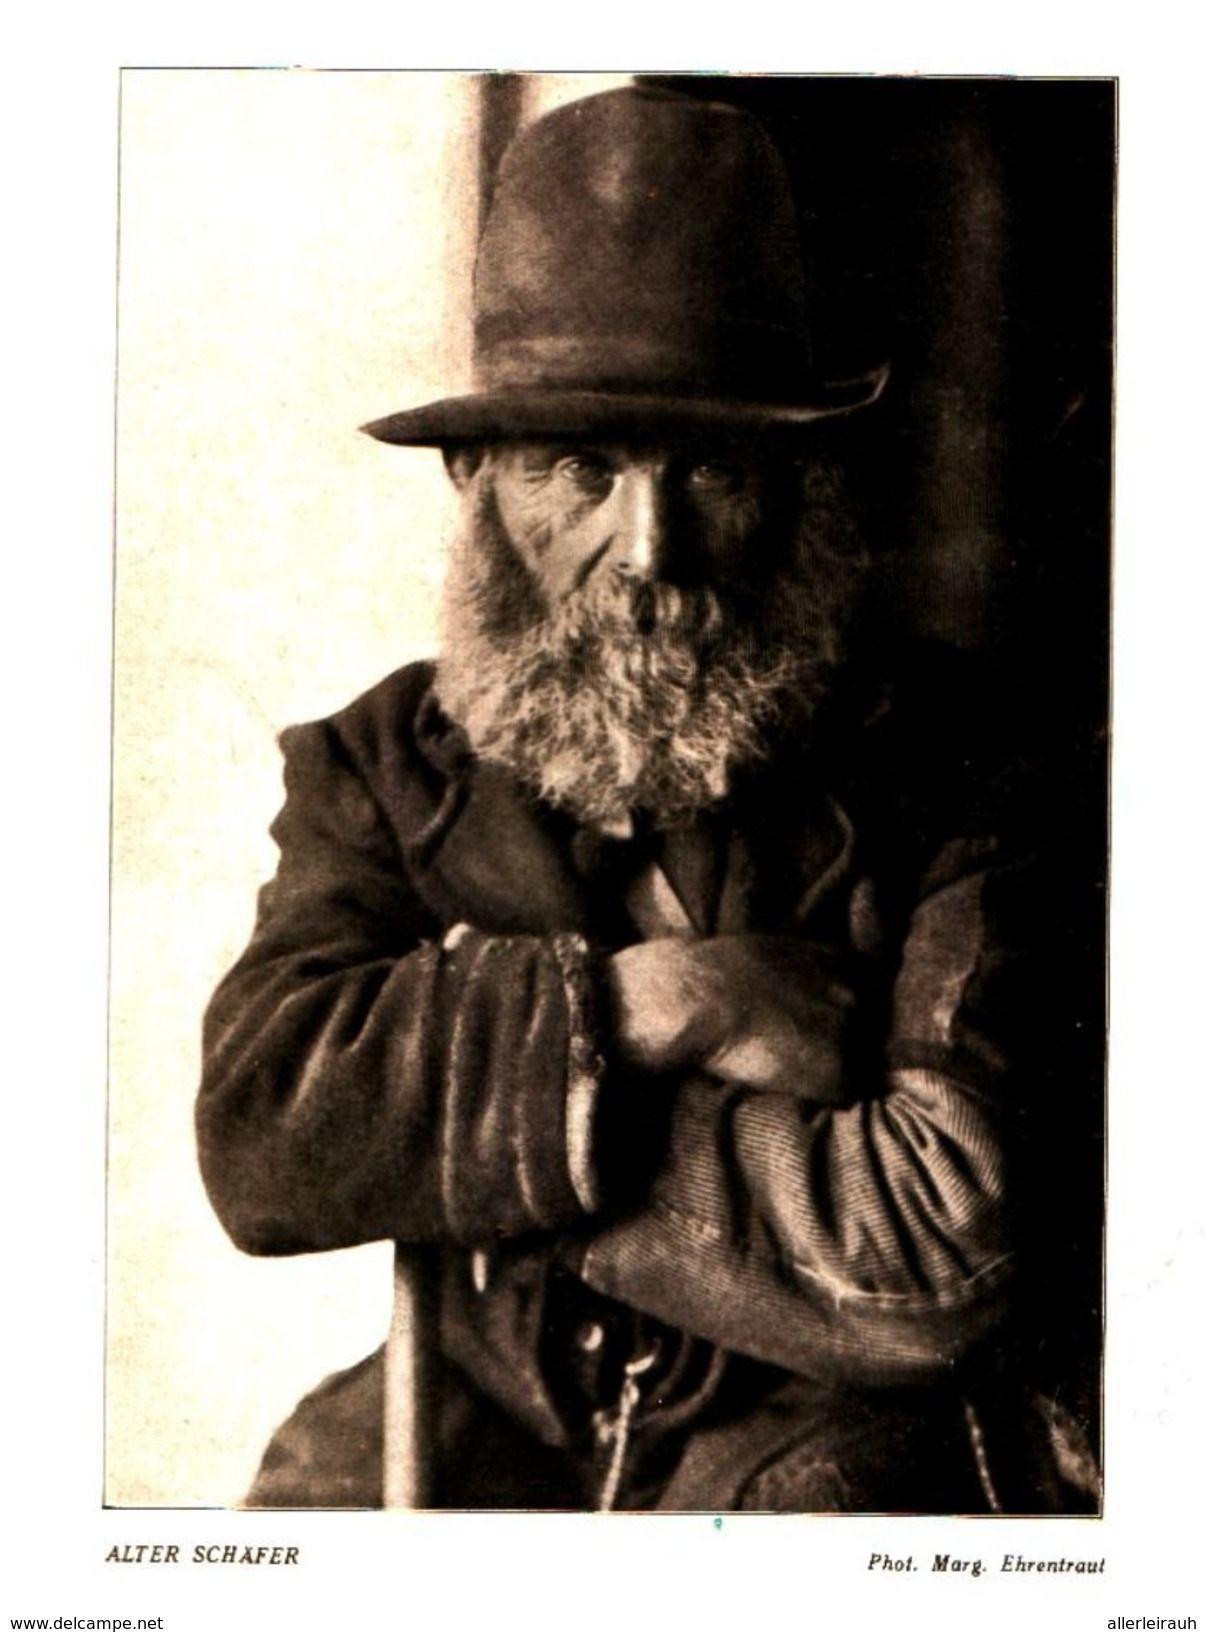 Alter Schafer Photo Marg Ehrentraut Druck Entnommen Aus Zeitschrift 1929 Artikelnummer 469955184 Zeitschriften Drucken Comic